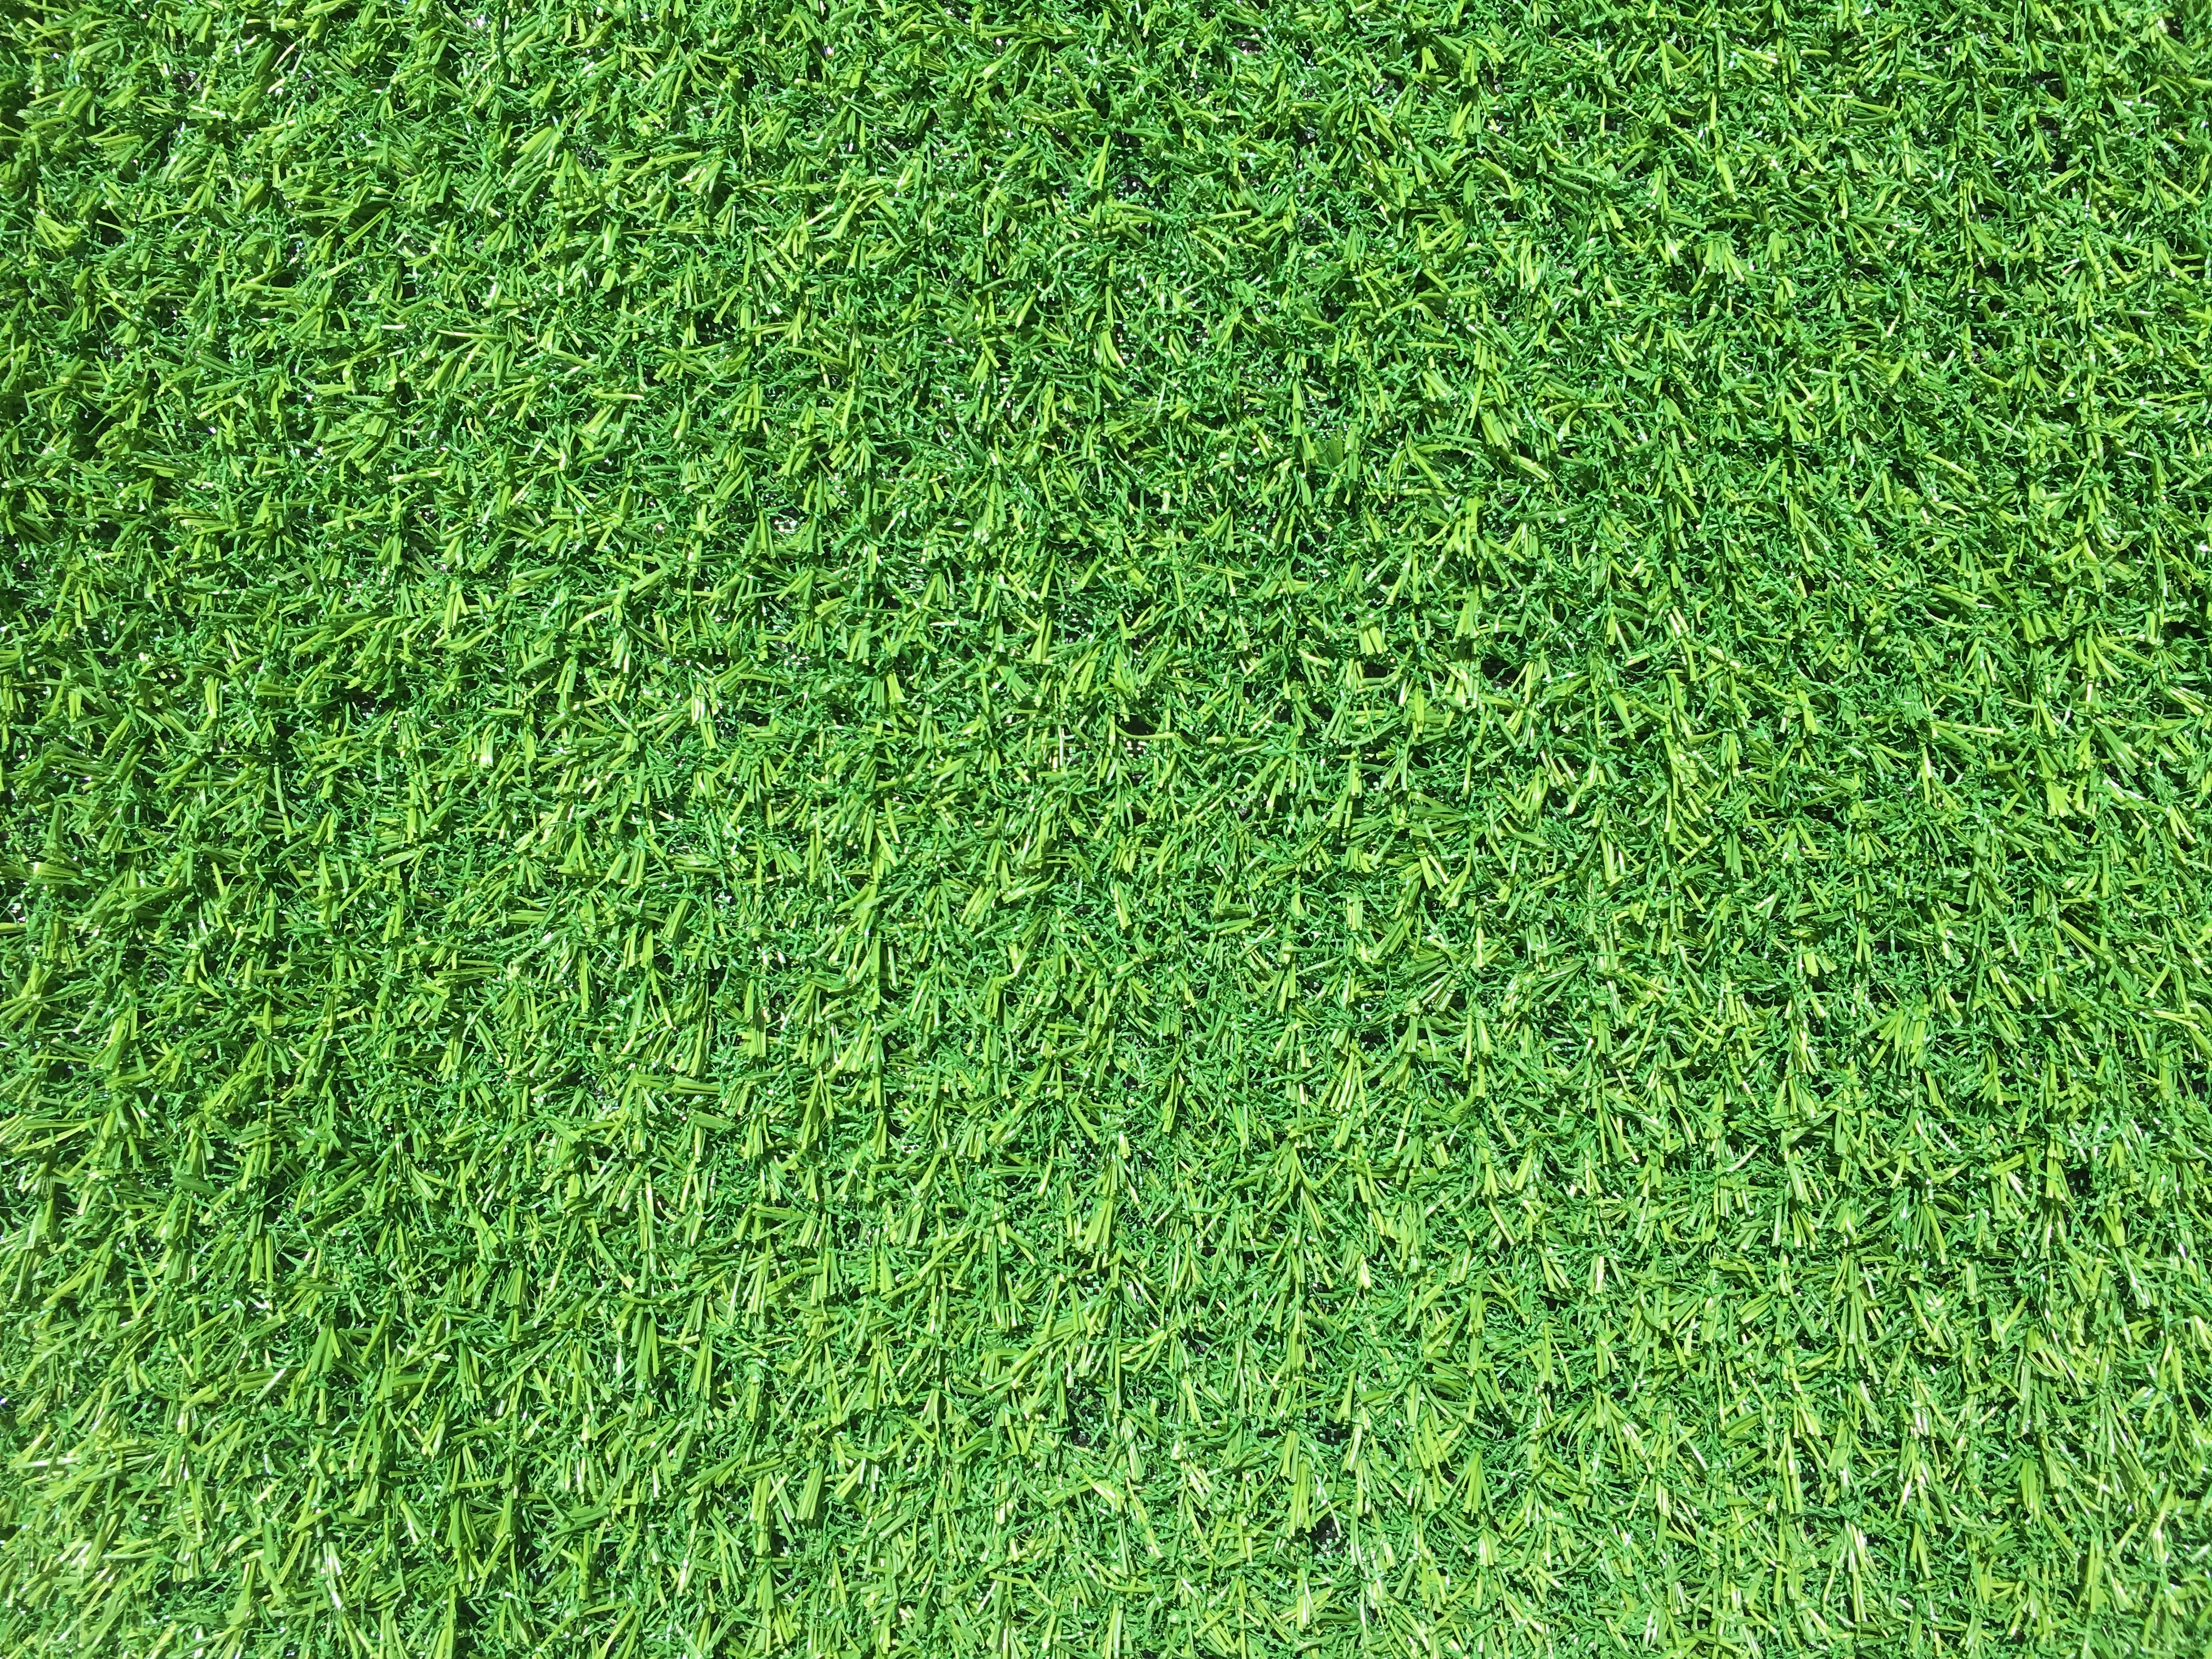 Covor Iarba Artificiala, Tip Gazon, Verde, Tropicana, 100% Polipropilena, 10 mm, 200x400 cm 0